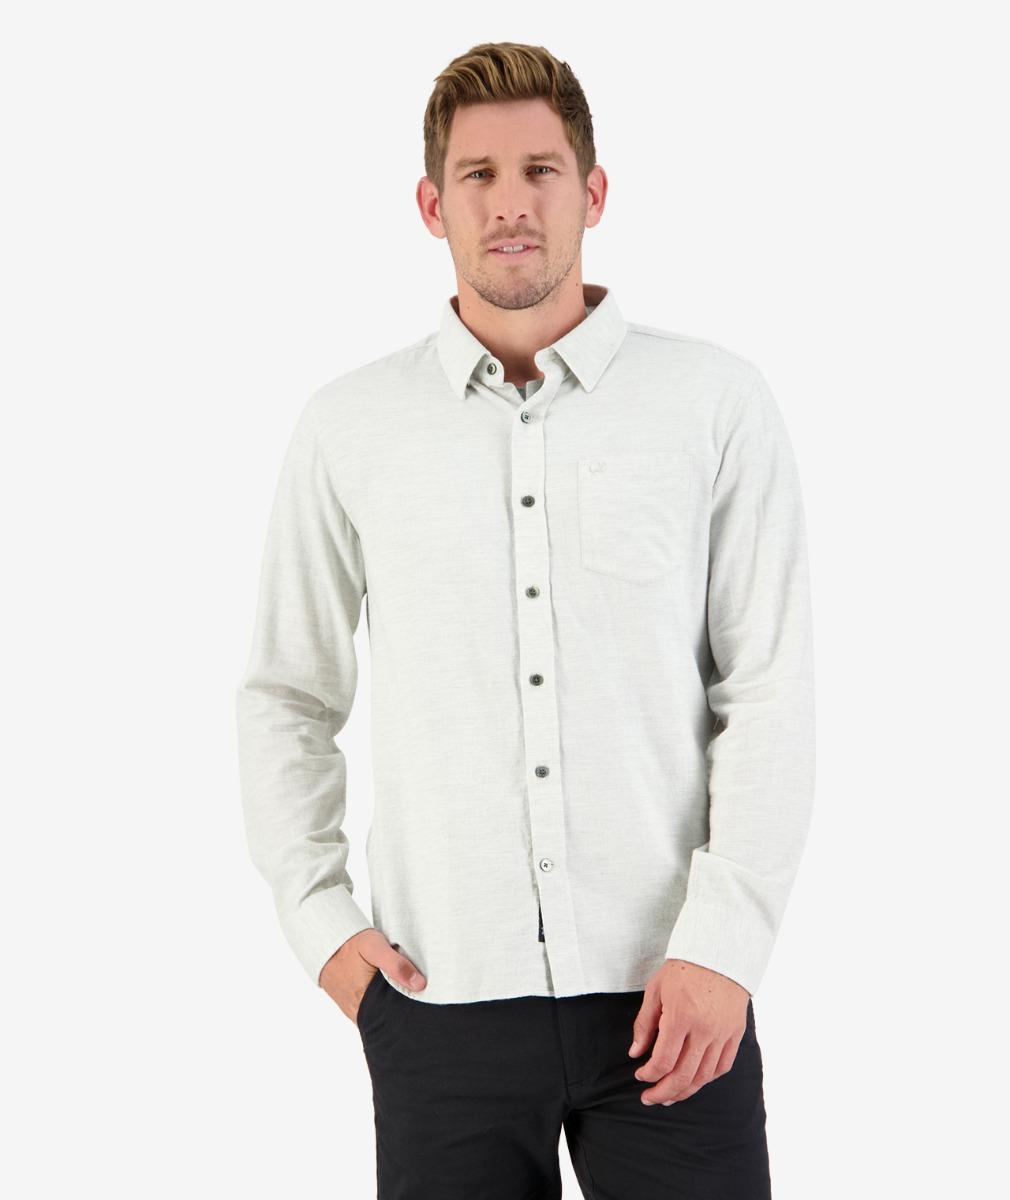 Morrisons L/S Shirt in Grey Melange